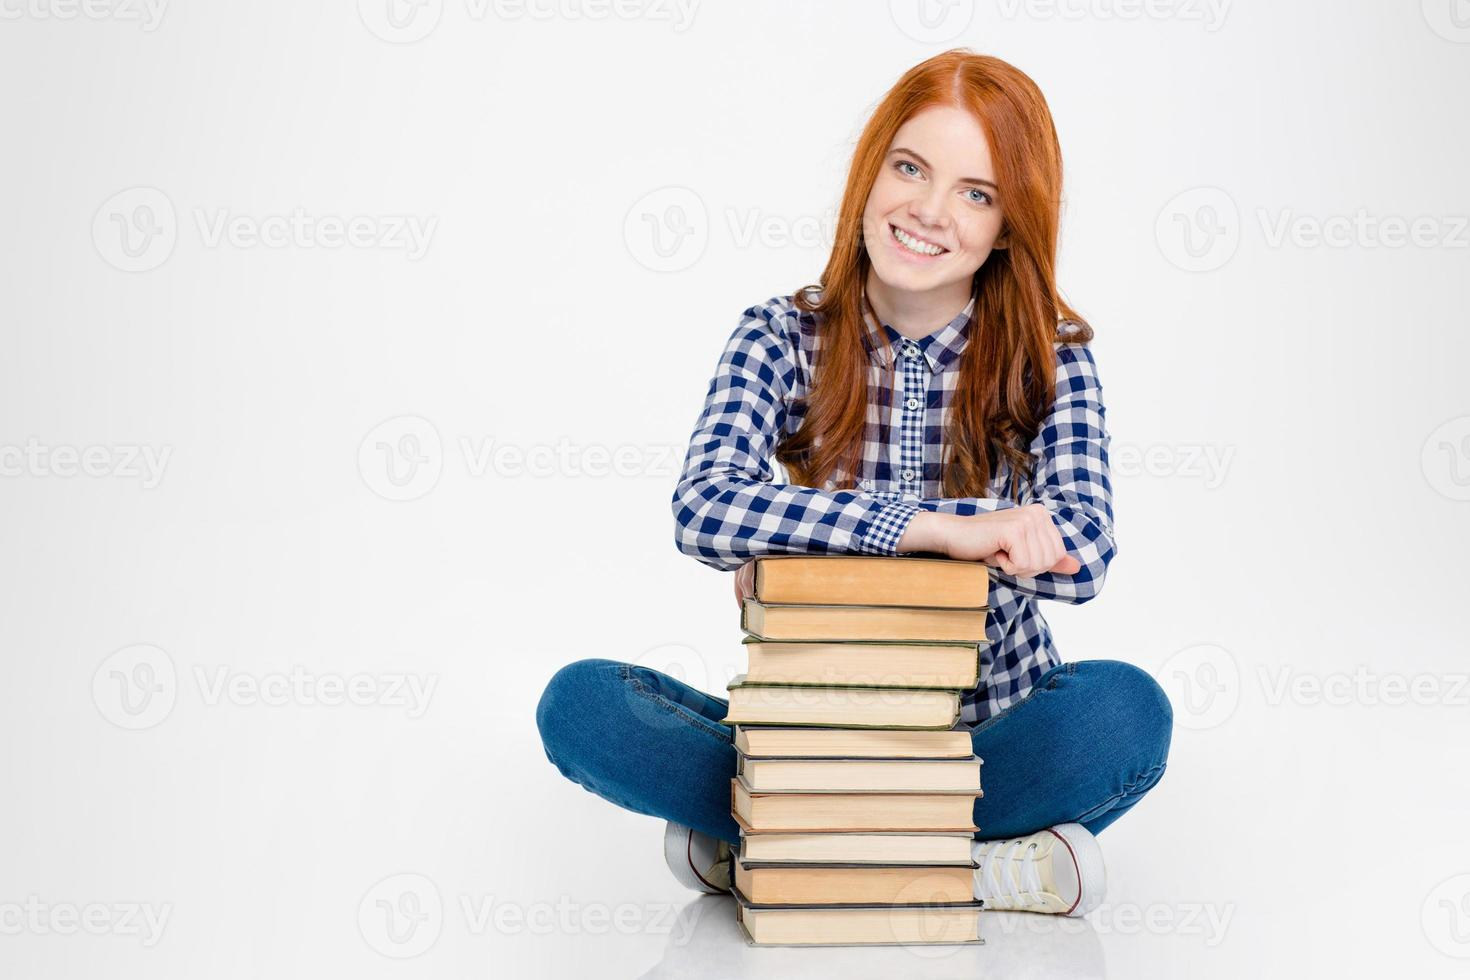 allegra signora seduta e appoggiata su una pila di libri foto